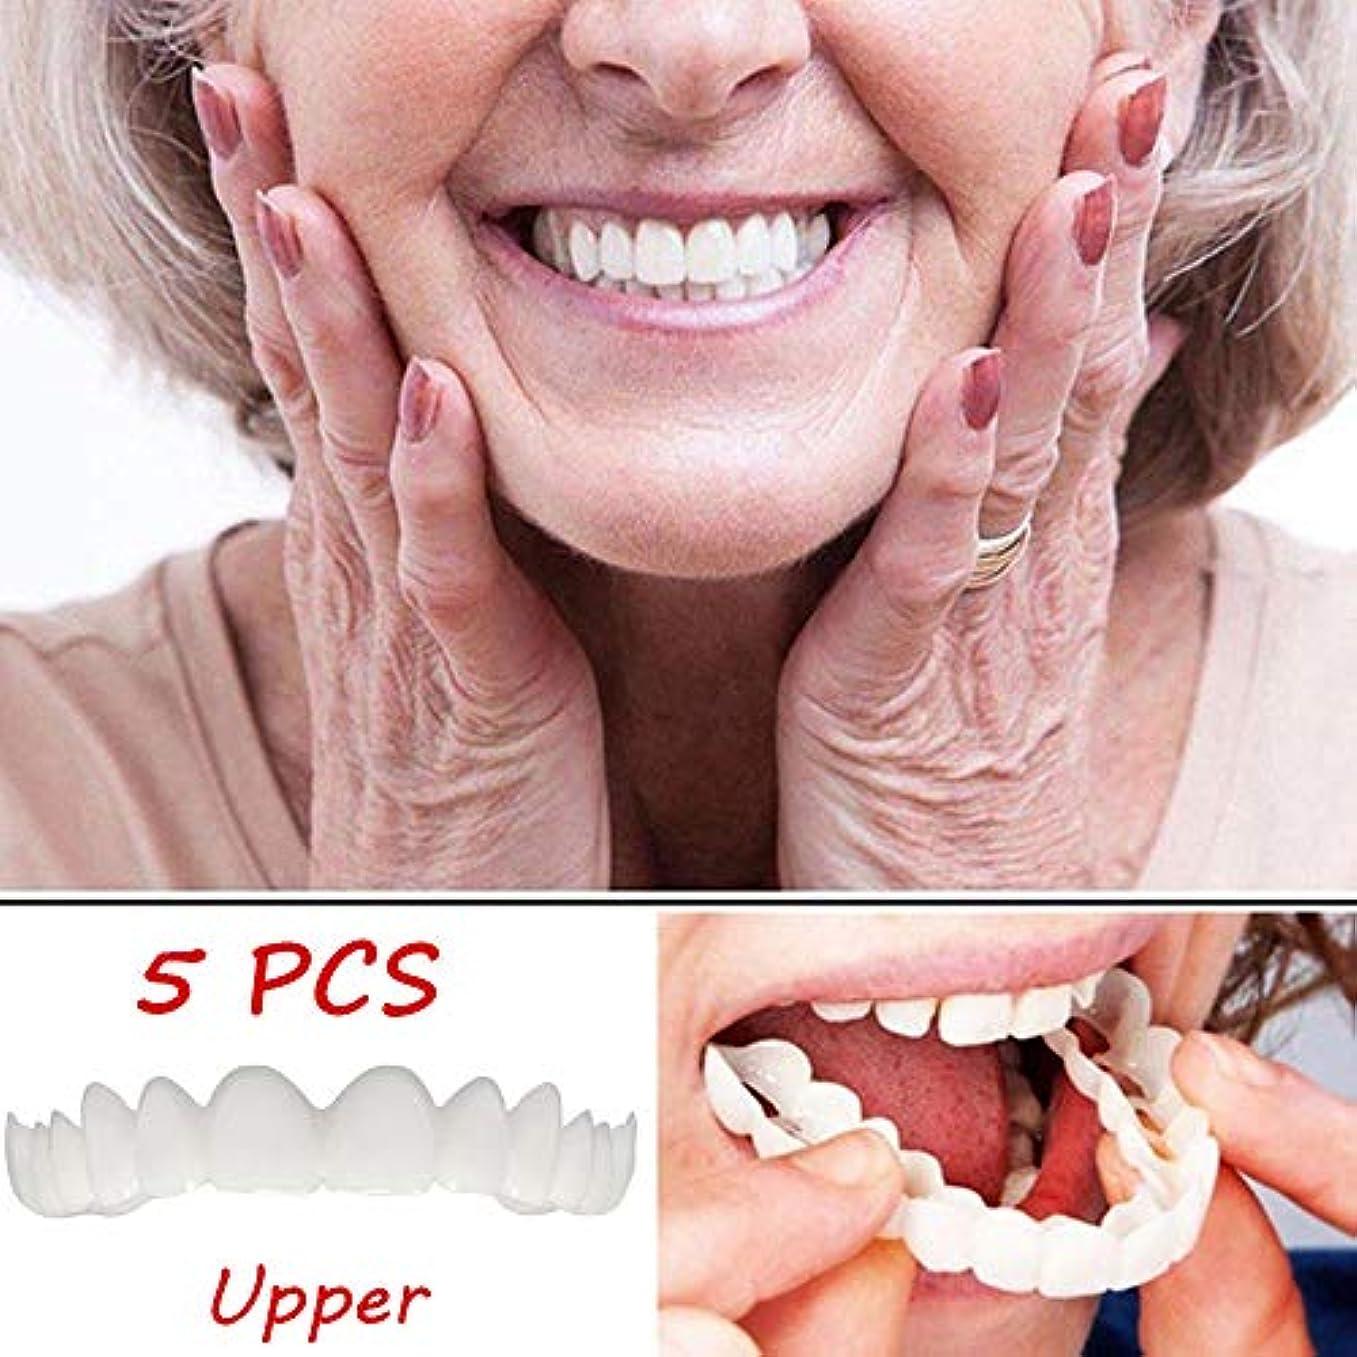 テントアシストレディ快適なベニヤの歯は一時的に歯の上の歯の1つのサイズを白くする5 PCSを微笑みますほとんどの人々の美の歯のシミュレーションの歯の義歯の心配に合います